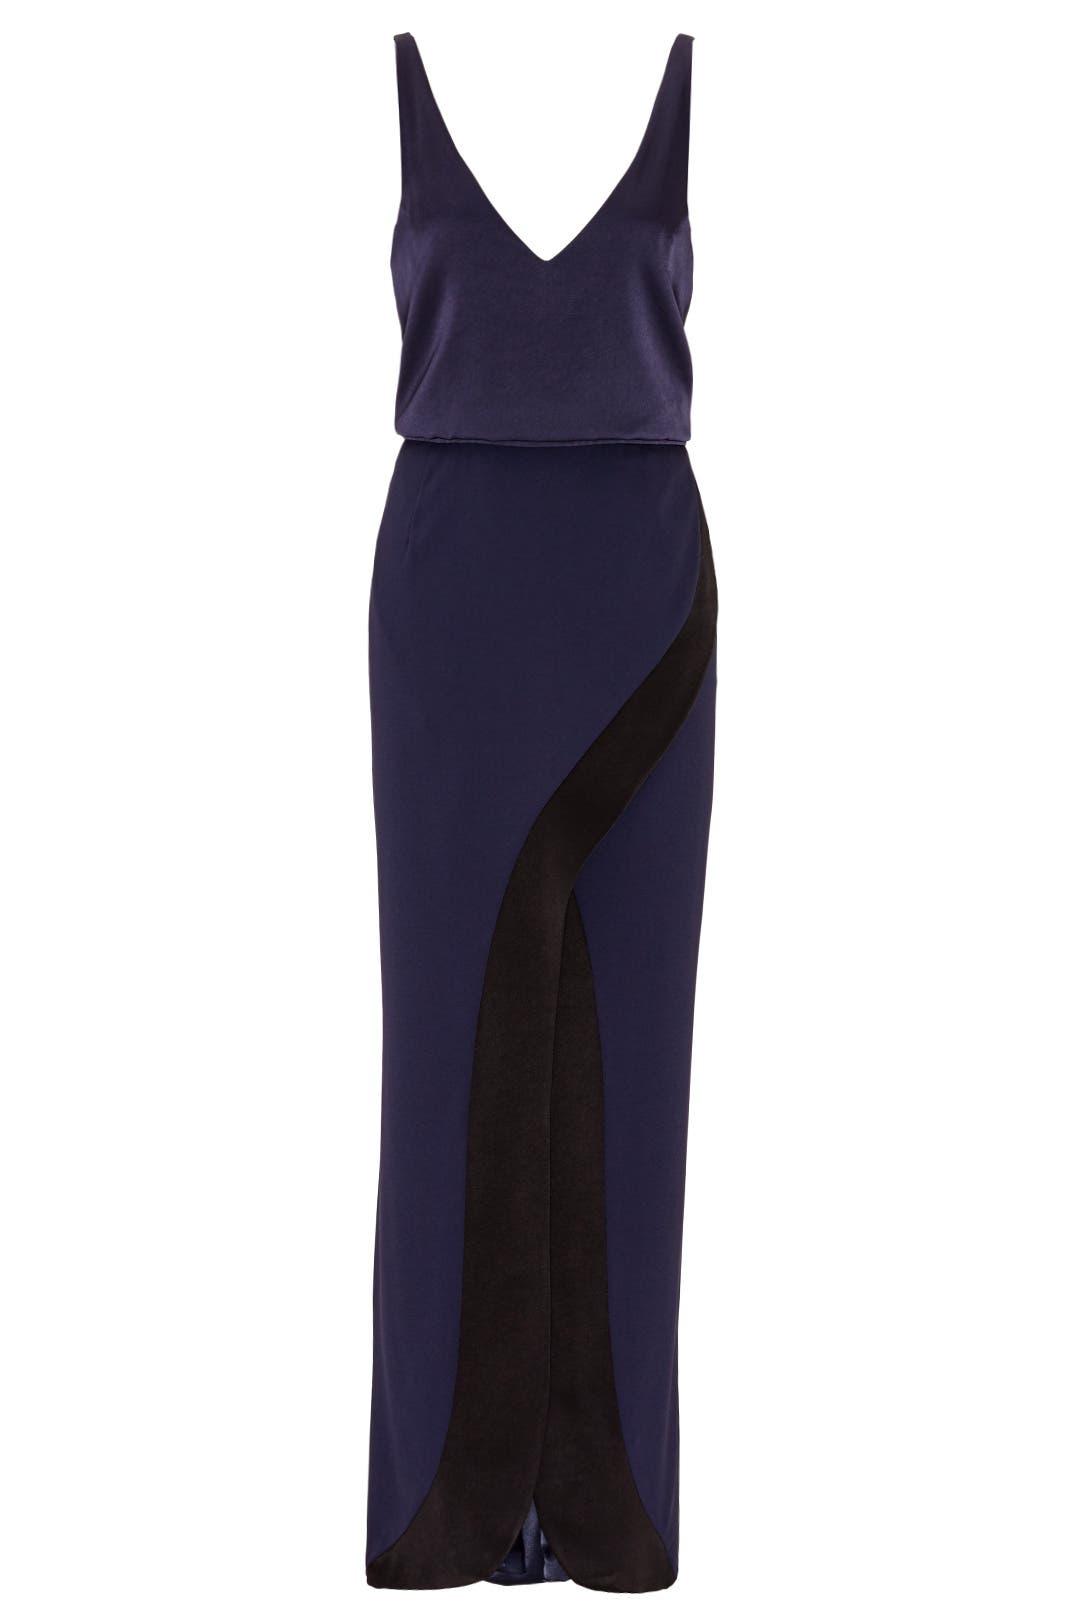 Black tie dresses galvan navy contrast crepe satin gown junglespirit Gallery